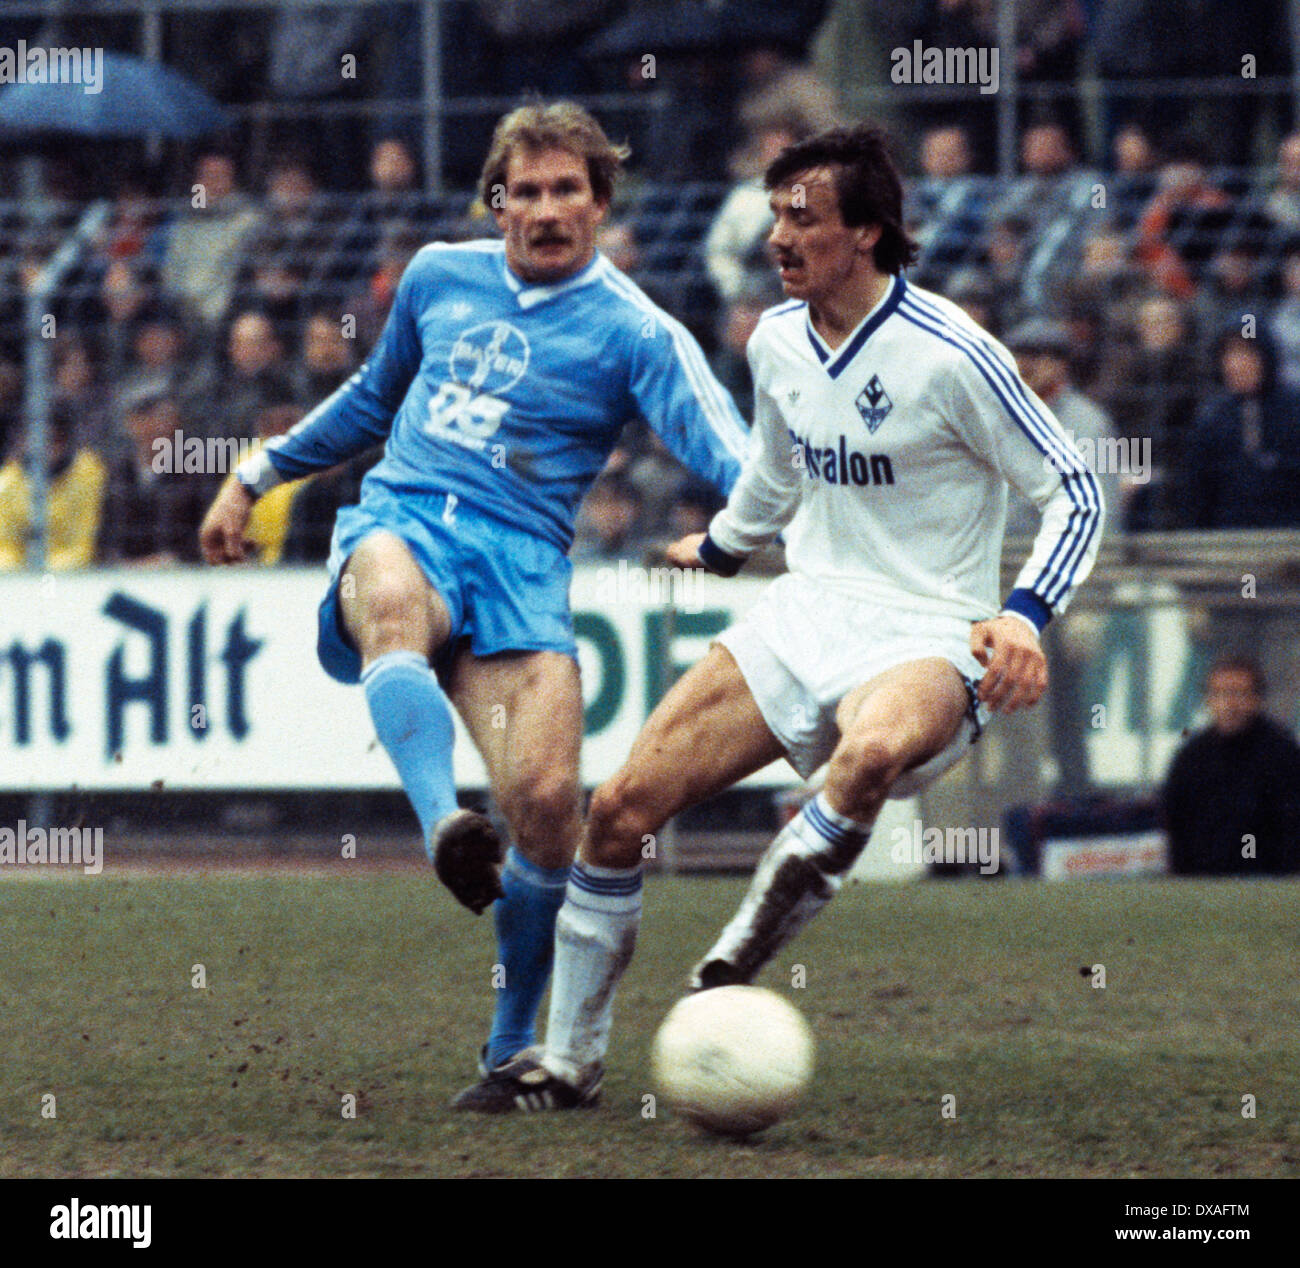 football, Bundesliga, 1984/1985, Grotenburg Stadium, FC Bayer 05 Uerdingen versus SV Waldhof Mannheim 2:2, scene of the match, Wolfgang Schaefer (Bayer) left and Juergen Kohler (SVW) - Stock Image